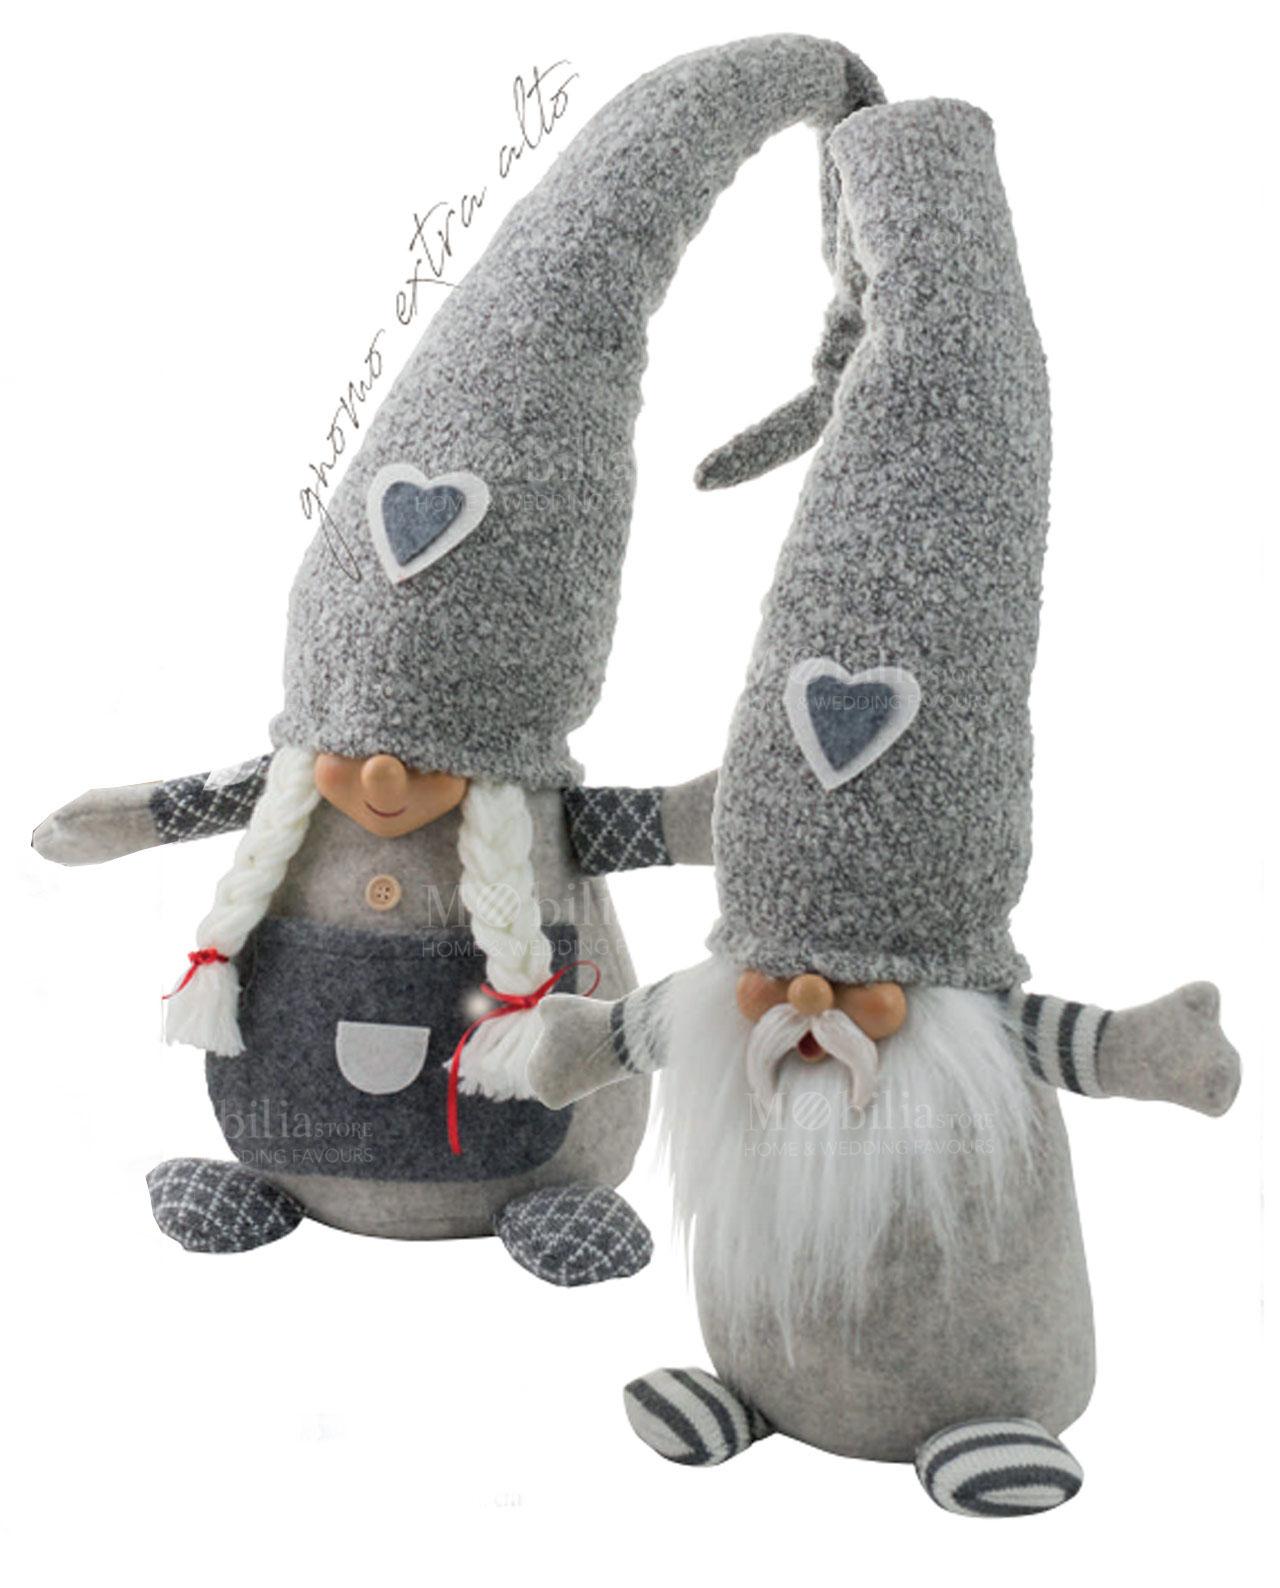 Gnomo grande grigio con cappello lungo maschio e femmina - Mobilia ... 26741a0e37c8